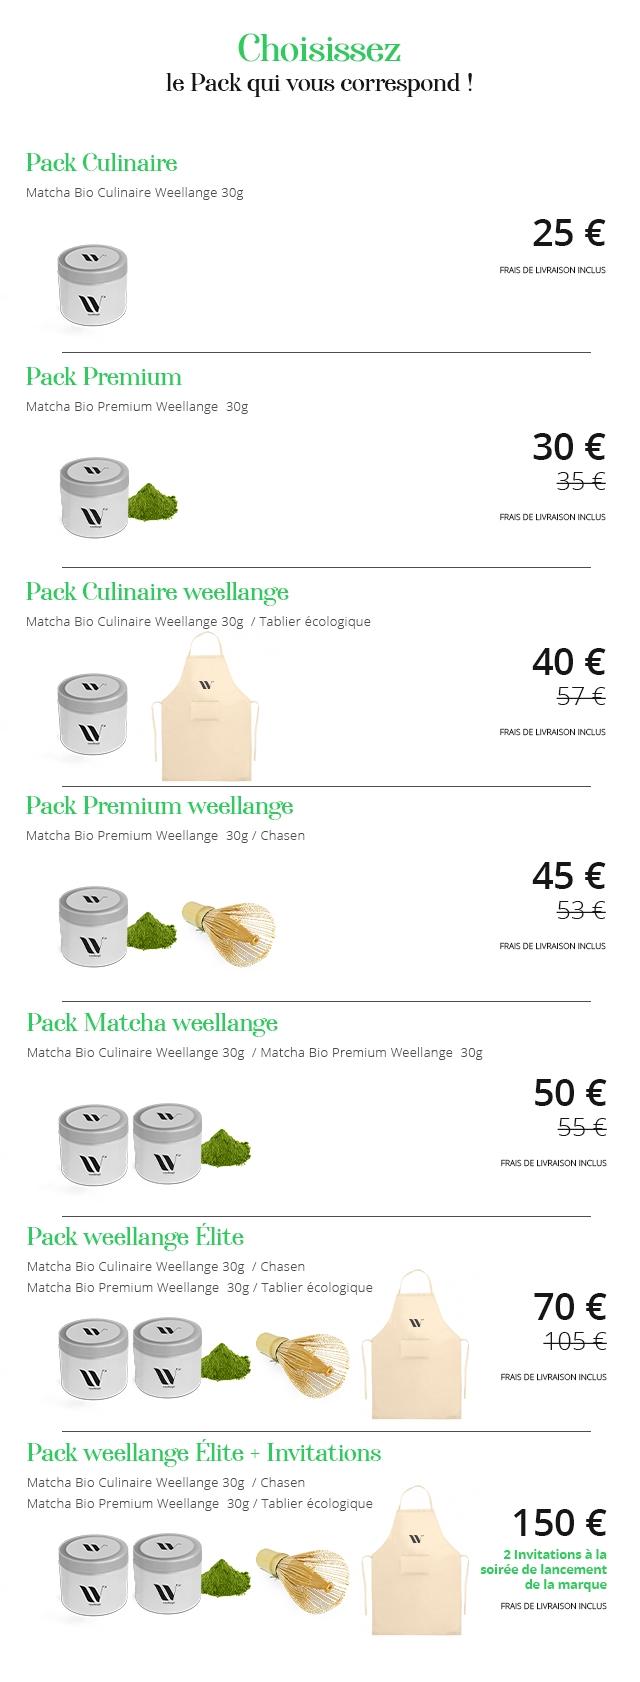 Choisissez le Pack qui correspond Pack Culinaire Matcha Bio Culinaire Weellange 30g 25 E FRAIS DE LIVRAISON INCLUS Pack Premium Matcha Bio Premium Weellange 30g 30 E FRAIS DE LIVRAISON INCLUS Pack Culinaire weellange Matcha Bio Culinaire Weellange 30g Tablier ecologique 40 FRAIS DE LIVRAISON INCLUS Pack Premium weellange Matcha Bio Premium Weellange 30g / Chasen 45 E FRAIS DE LIVRAISON INCLUS Pack Matcha weellange Matcha Bio Culinaire Weellange 30g / Matcha Bio Premium Weellange 30g 50 E FRALS DE LIVRAISON INCLUS Pack weellange Elite Matcha Bio Culinaire Weellange 30g Chasen Matcha Bio Premium Weellange 30g Tablier ecologique 70 E 1056 FRAIS DE LIVRAISON INCLUS Pack weellange Elite Invitations Matcha Bio Culinaire Weellange 30g / Chasen Matcha Bio Premium Weellange 30g Tablier ecologique 150 2 Invitations la soiree de lancement de la marque FRAIS DE LIVRAISON INCLUS